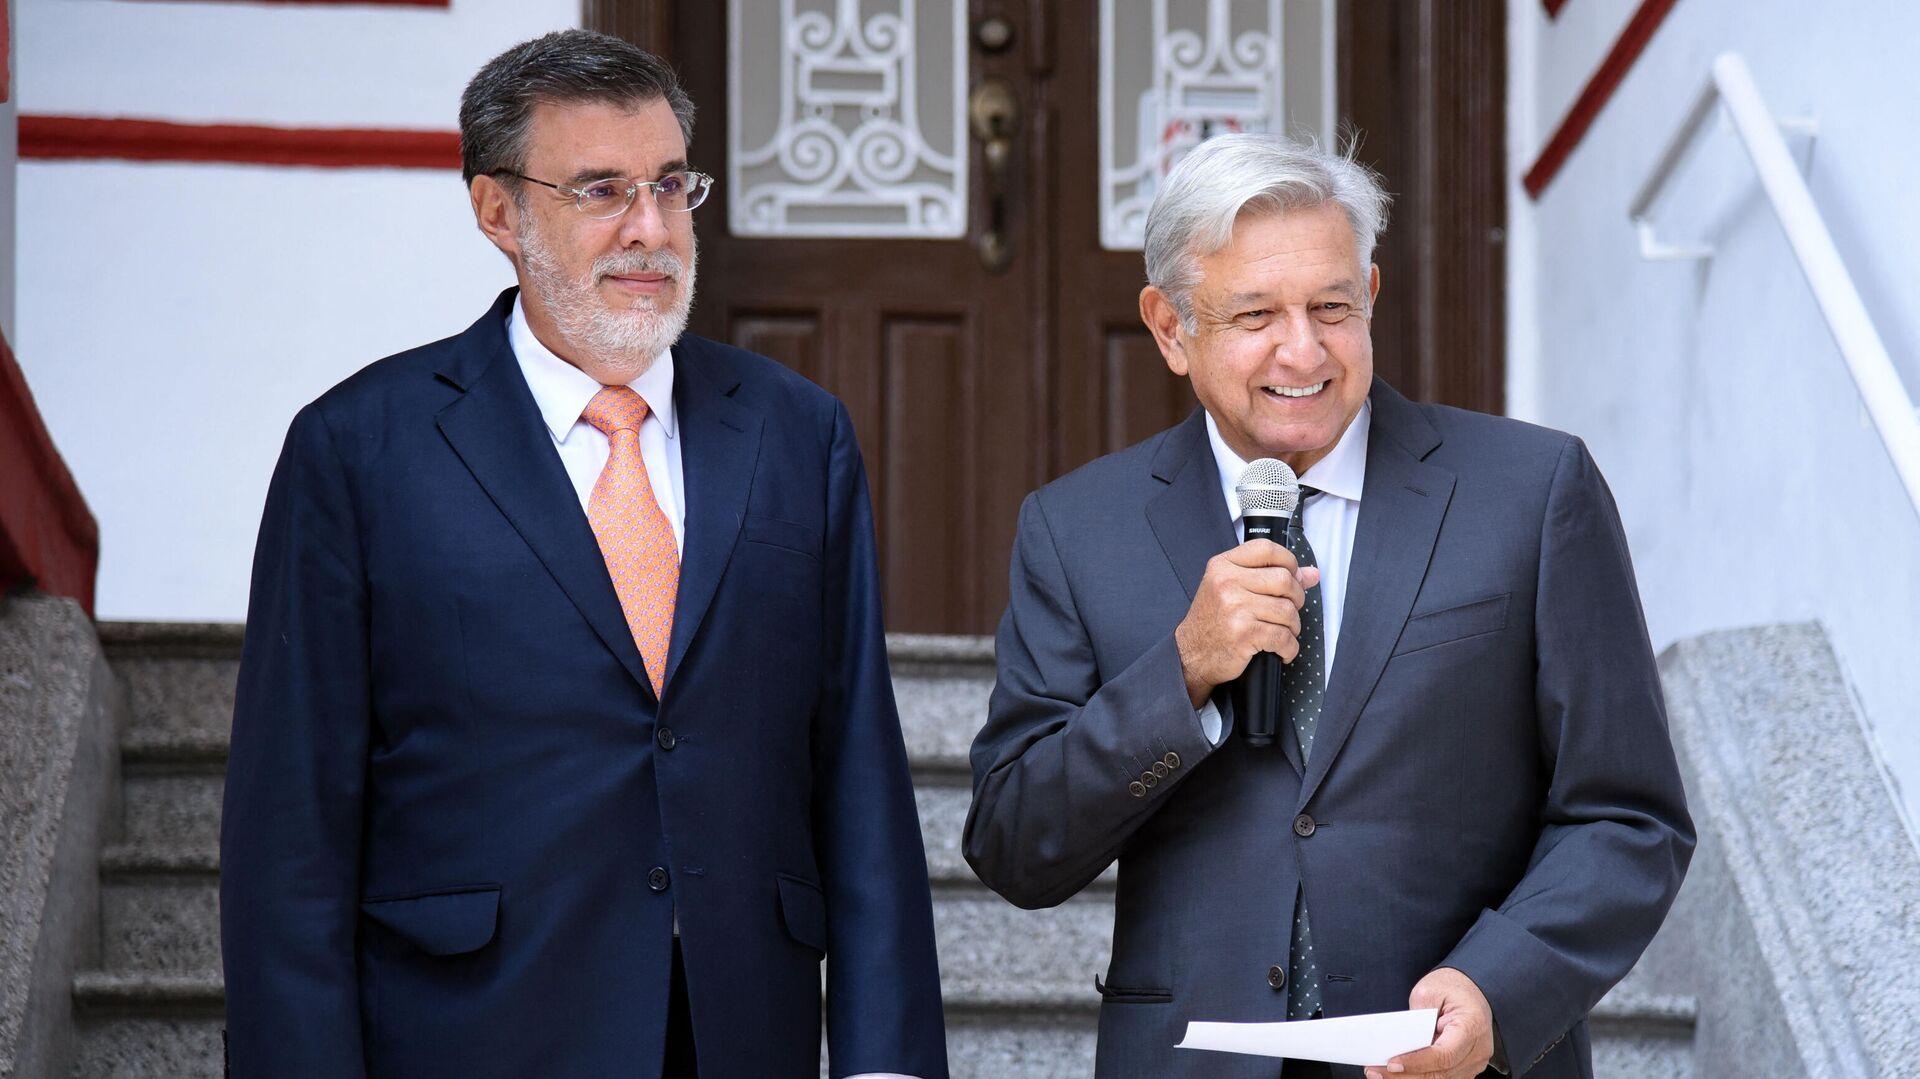 El presidente de México, Andrés Manuel López Obrador, (derecha) y el Consejero Jurídico de la Presidencia de México, Julio Scherer Ibarra - Sputnik Mundo, 1920, 01.09.2021